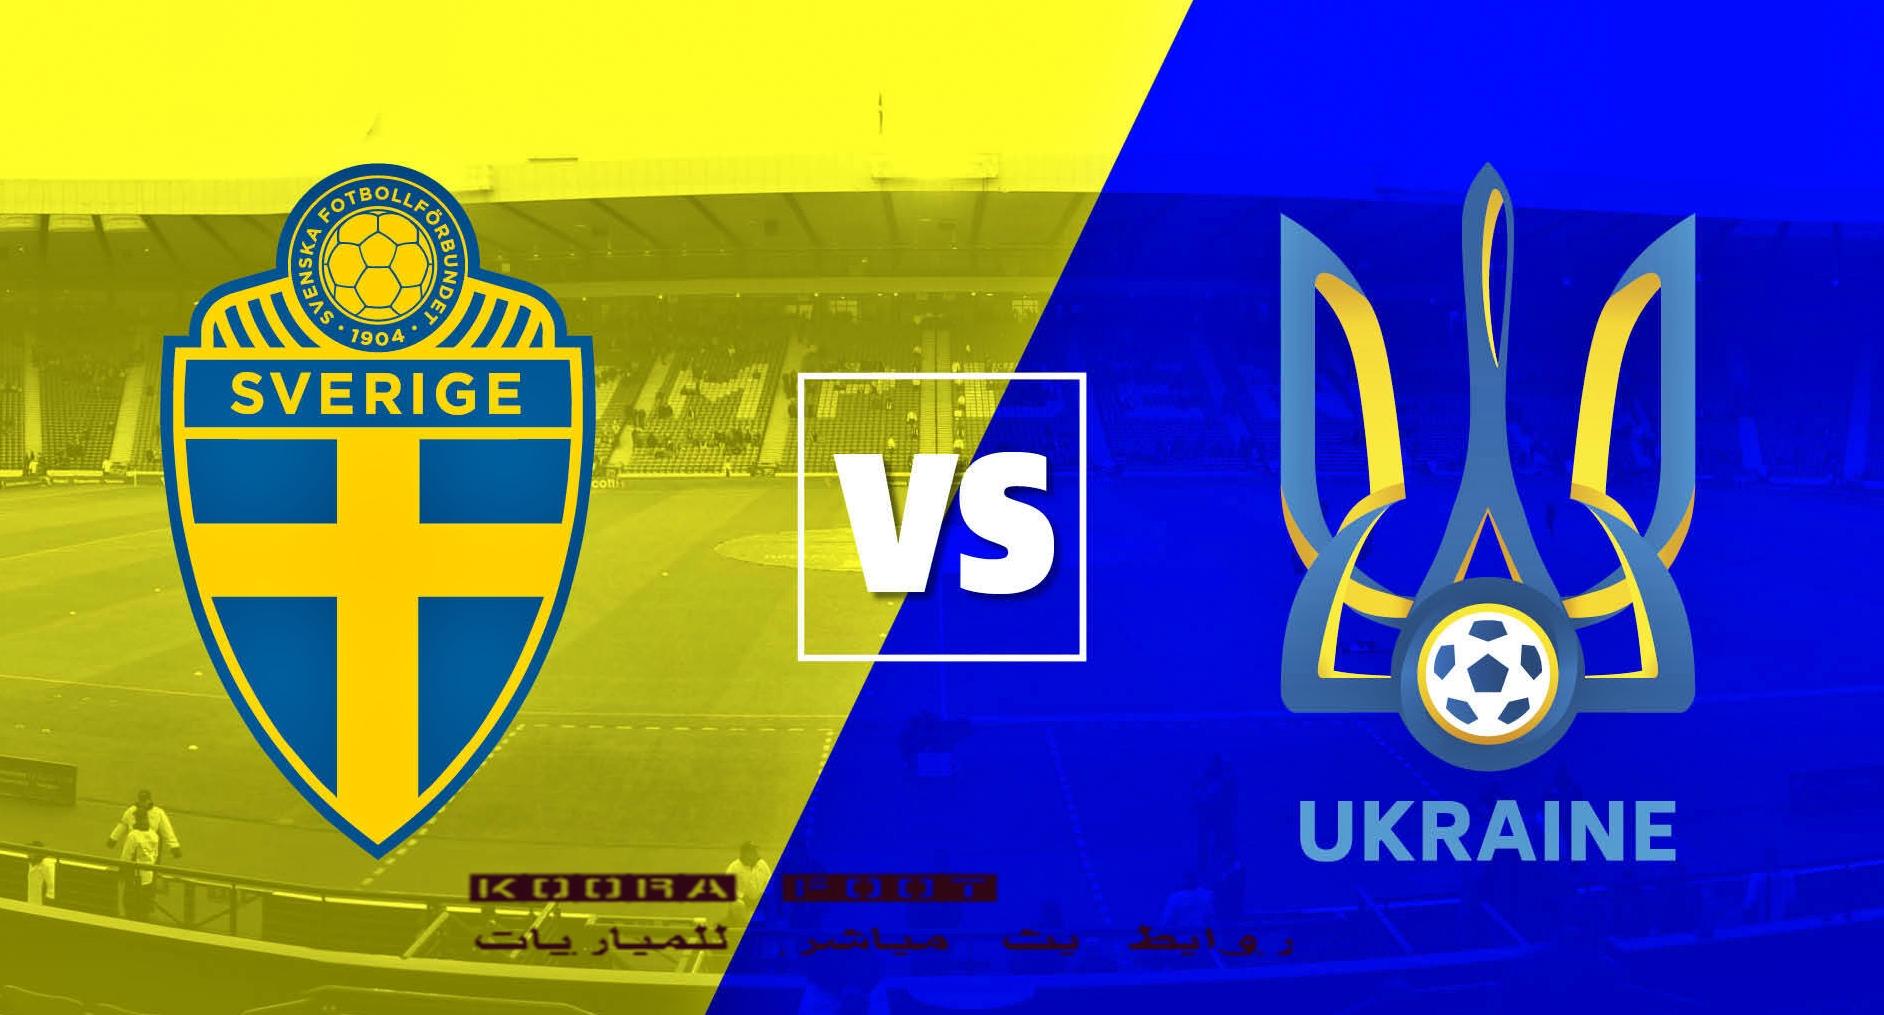 موعد مباراة  السويد وأوكرانيا في بطولة يورو 2020